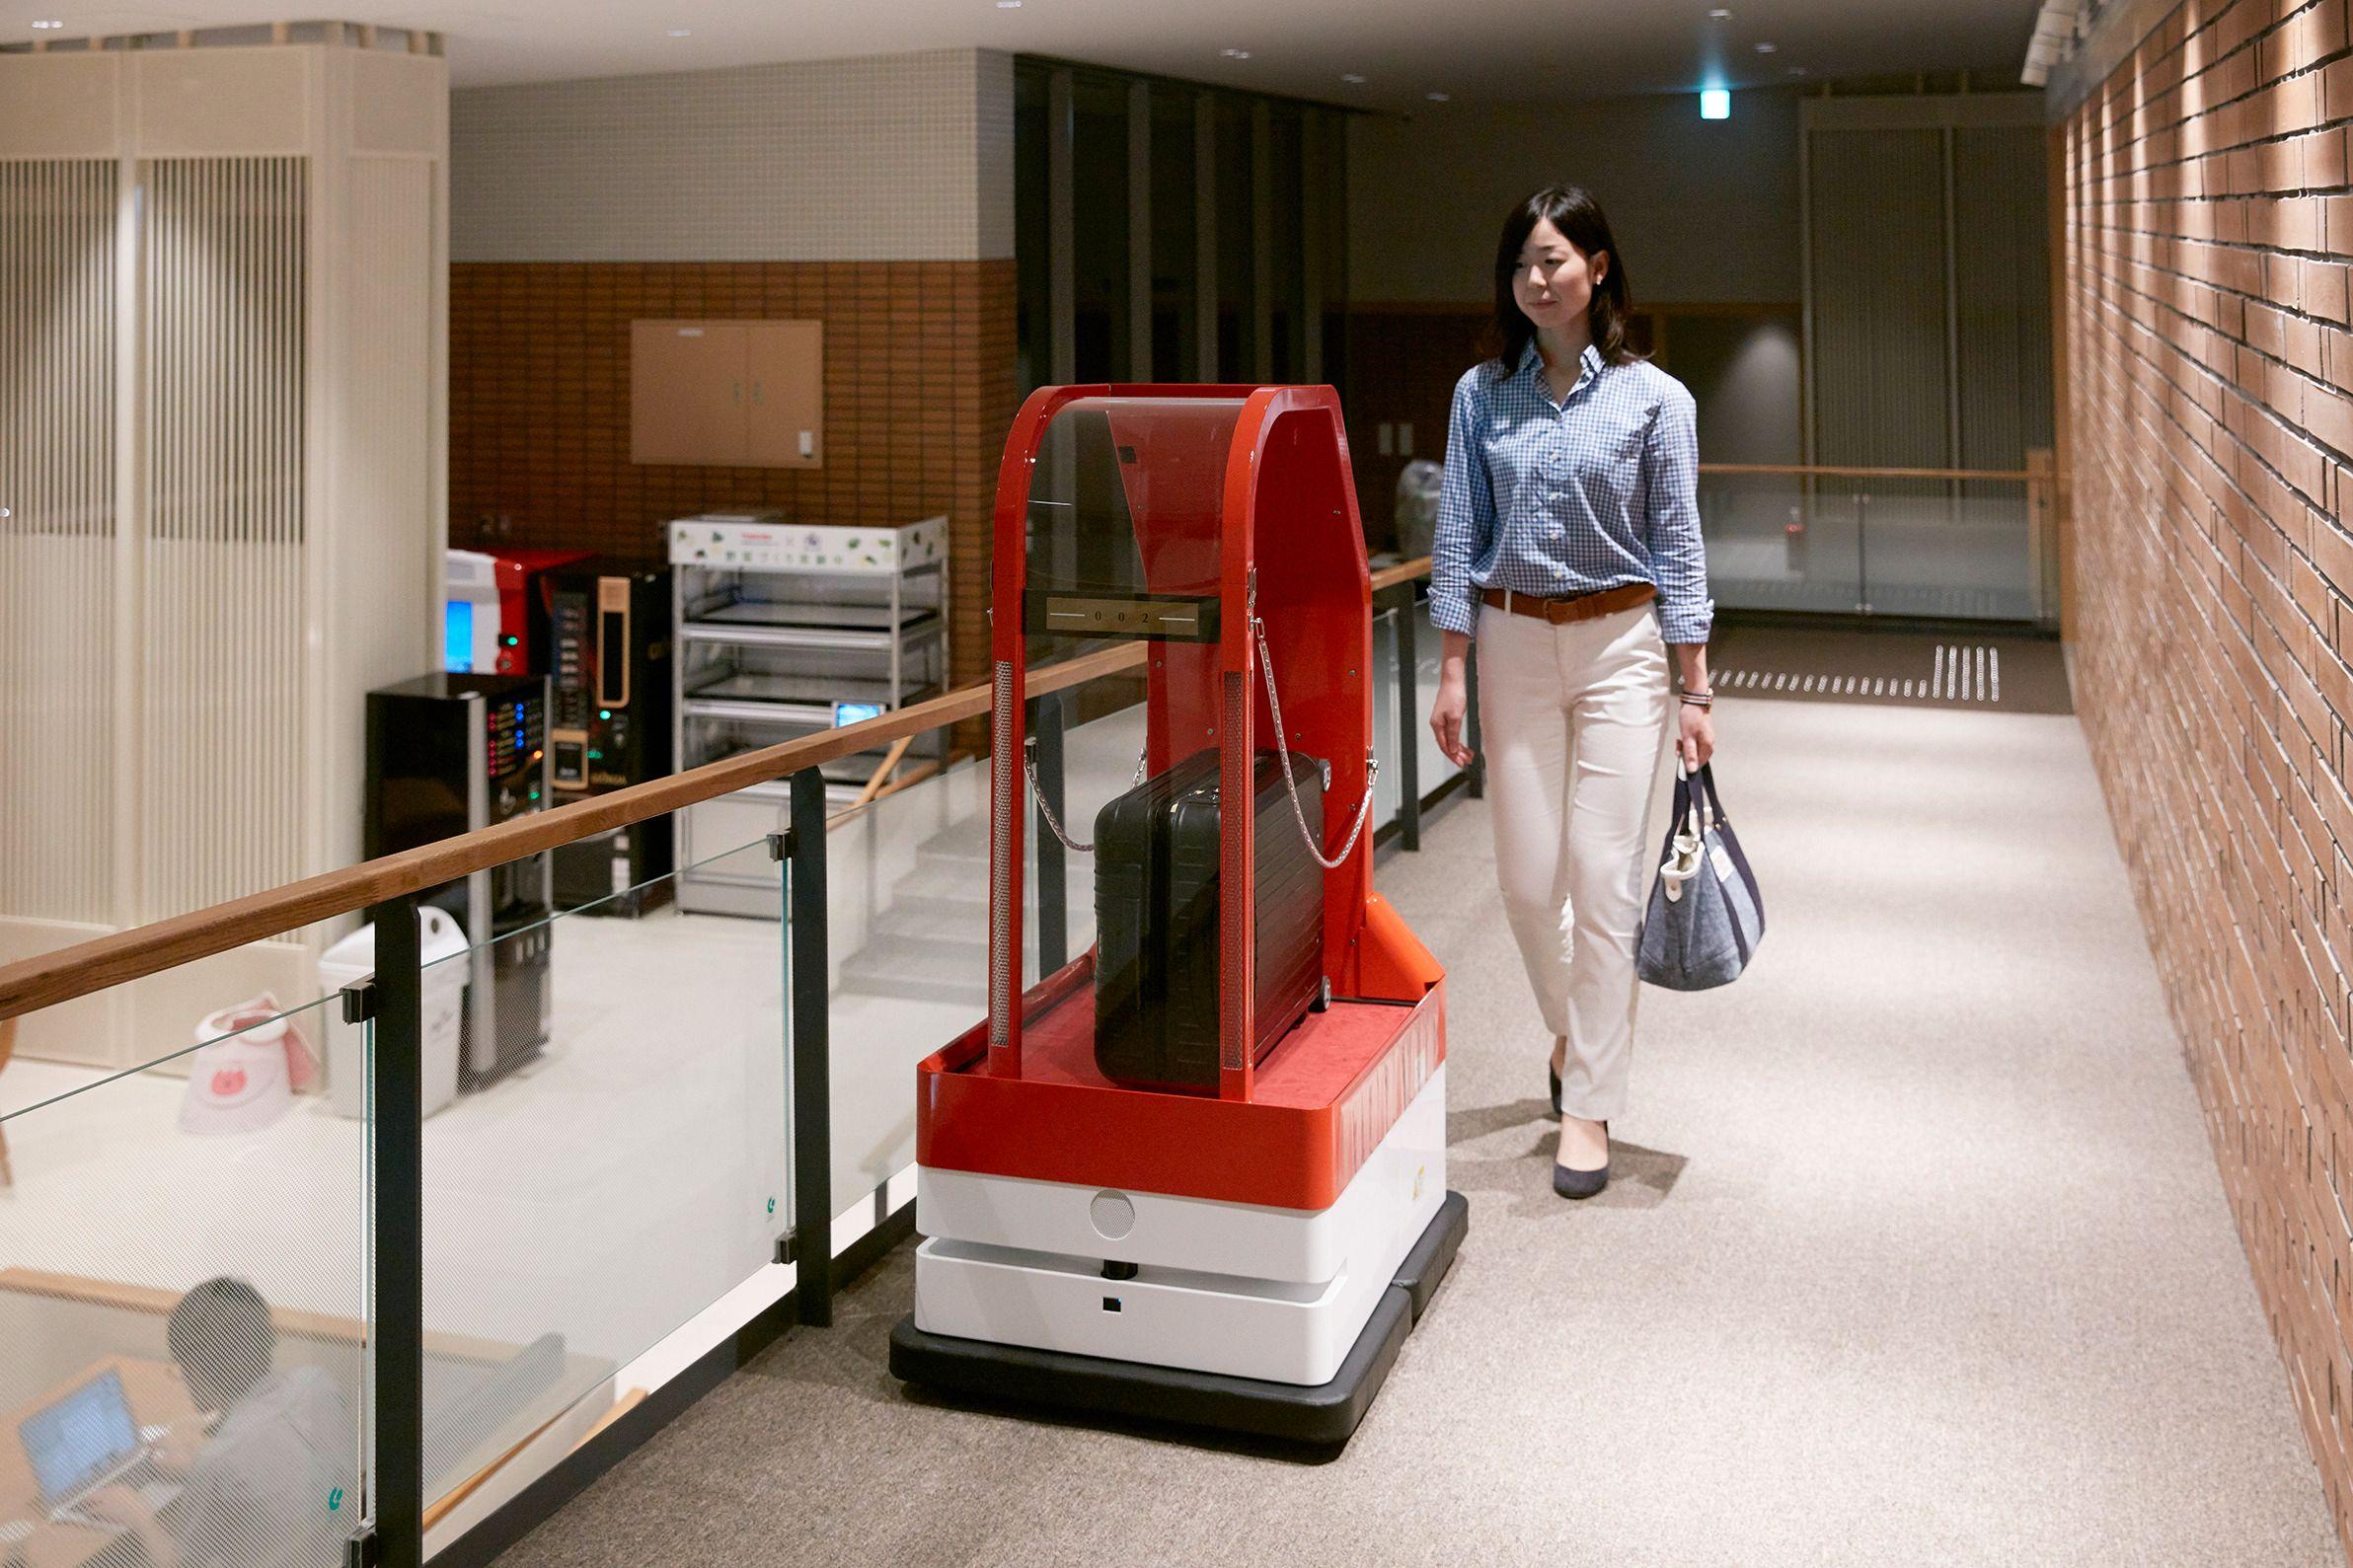 Hoteller bruker også roboter til å frakte bagasjen, blant annet.